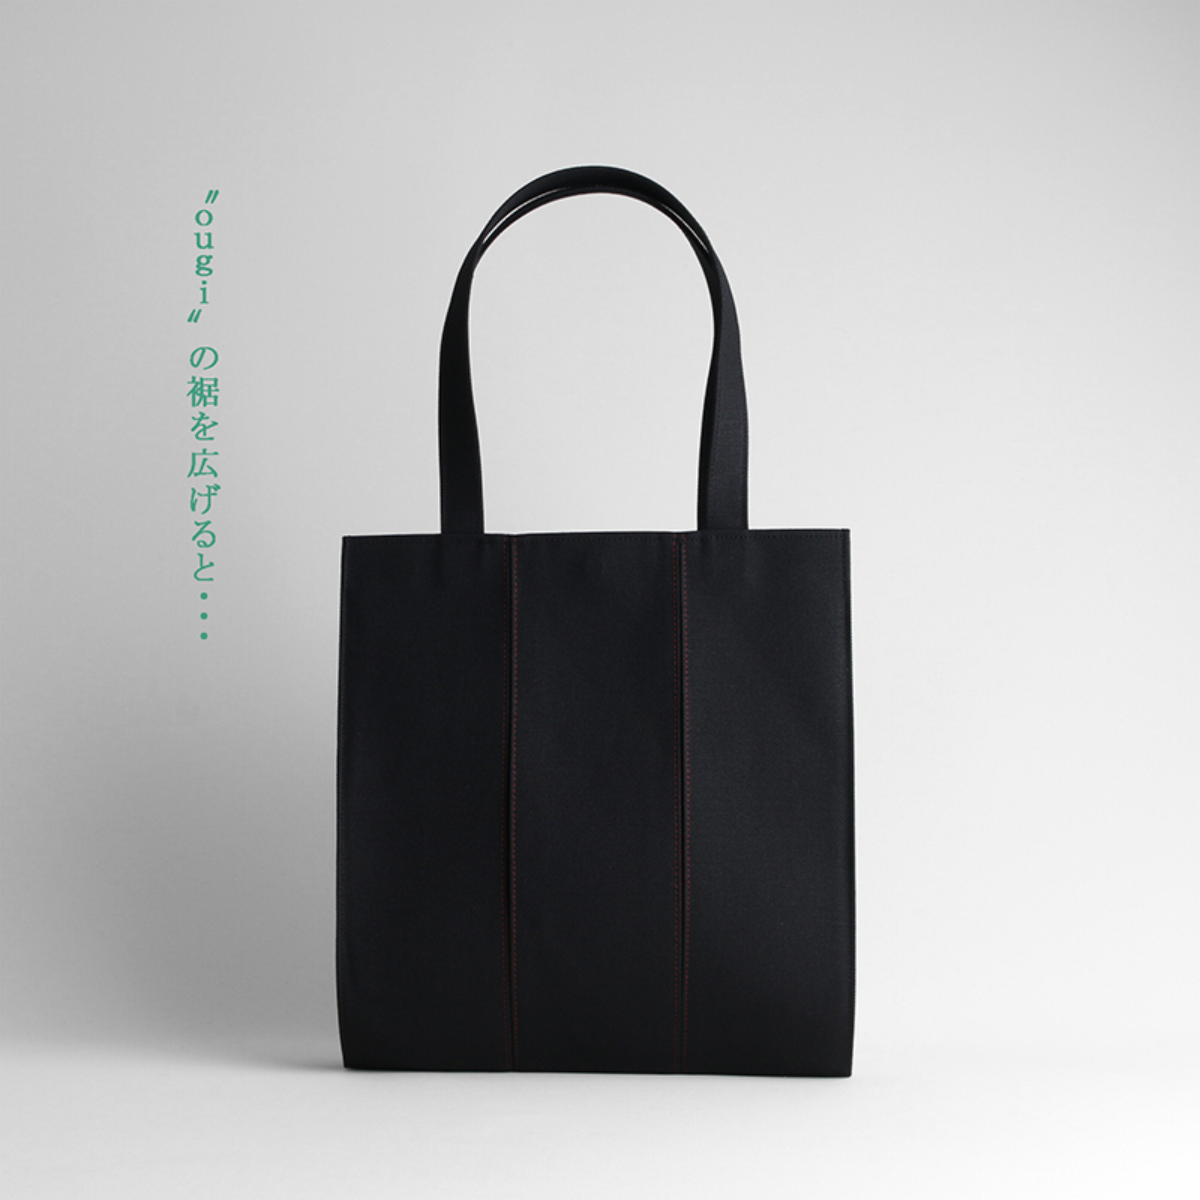 KOSHO ougi 帆布 トートバック MH